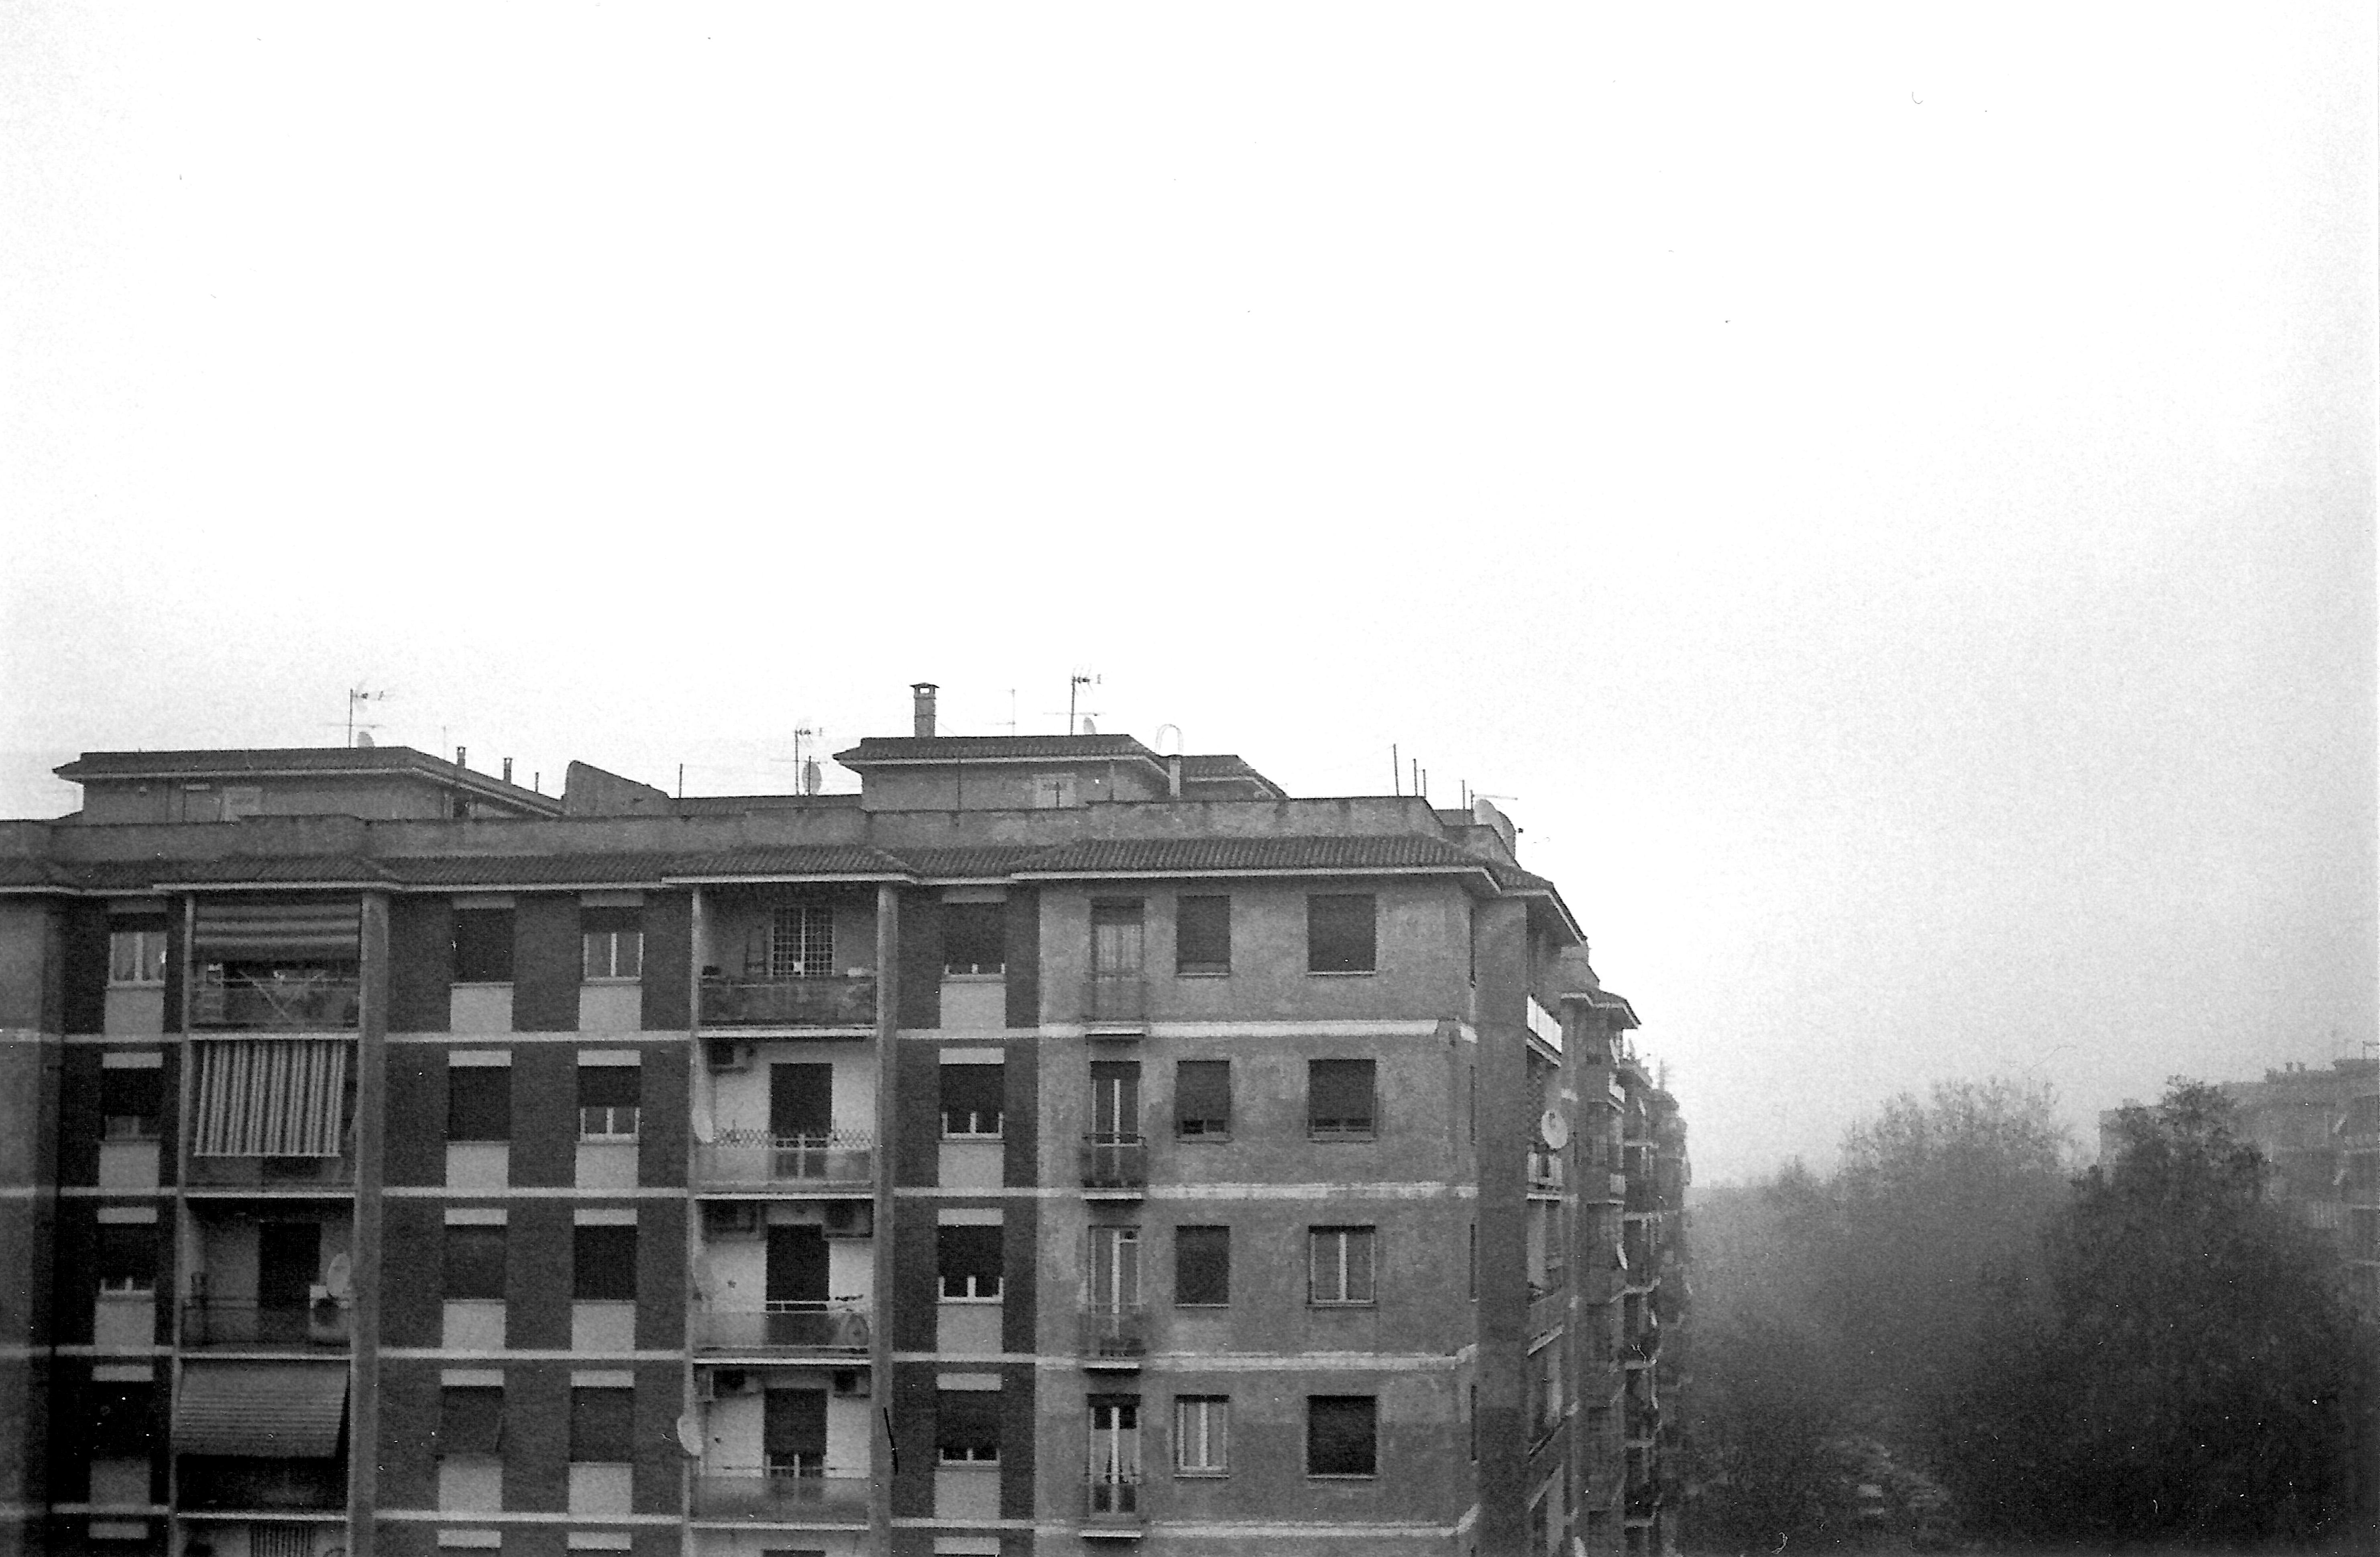 Piazza Enrico Fermi